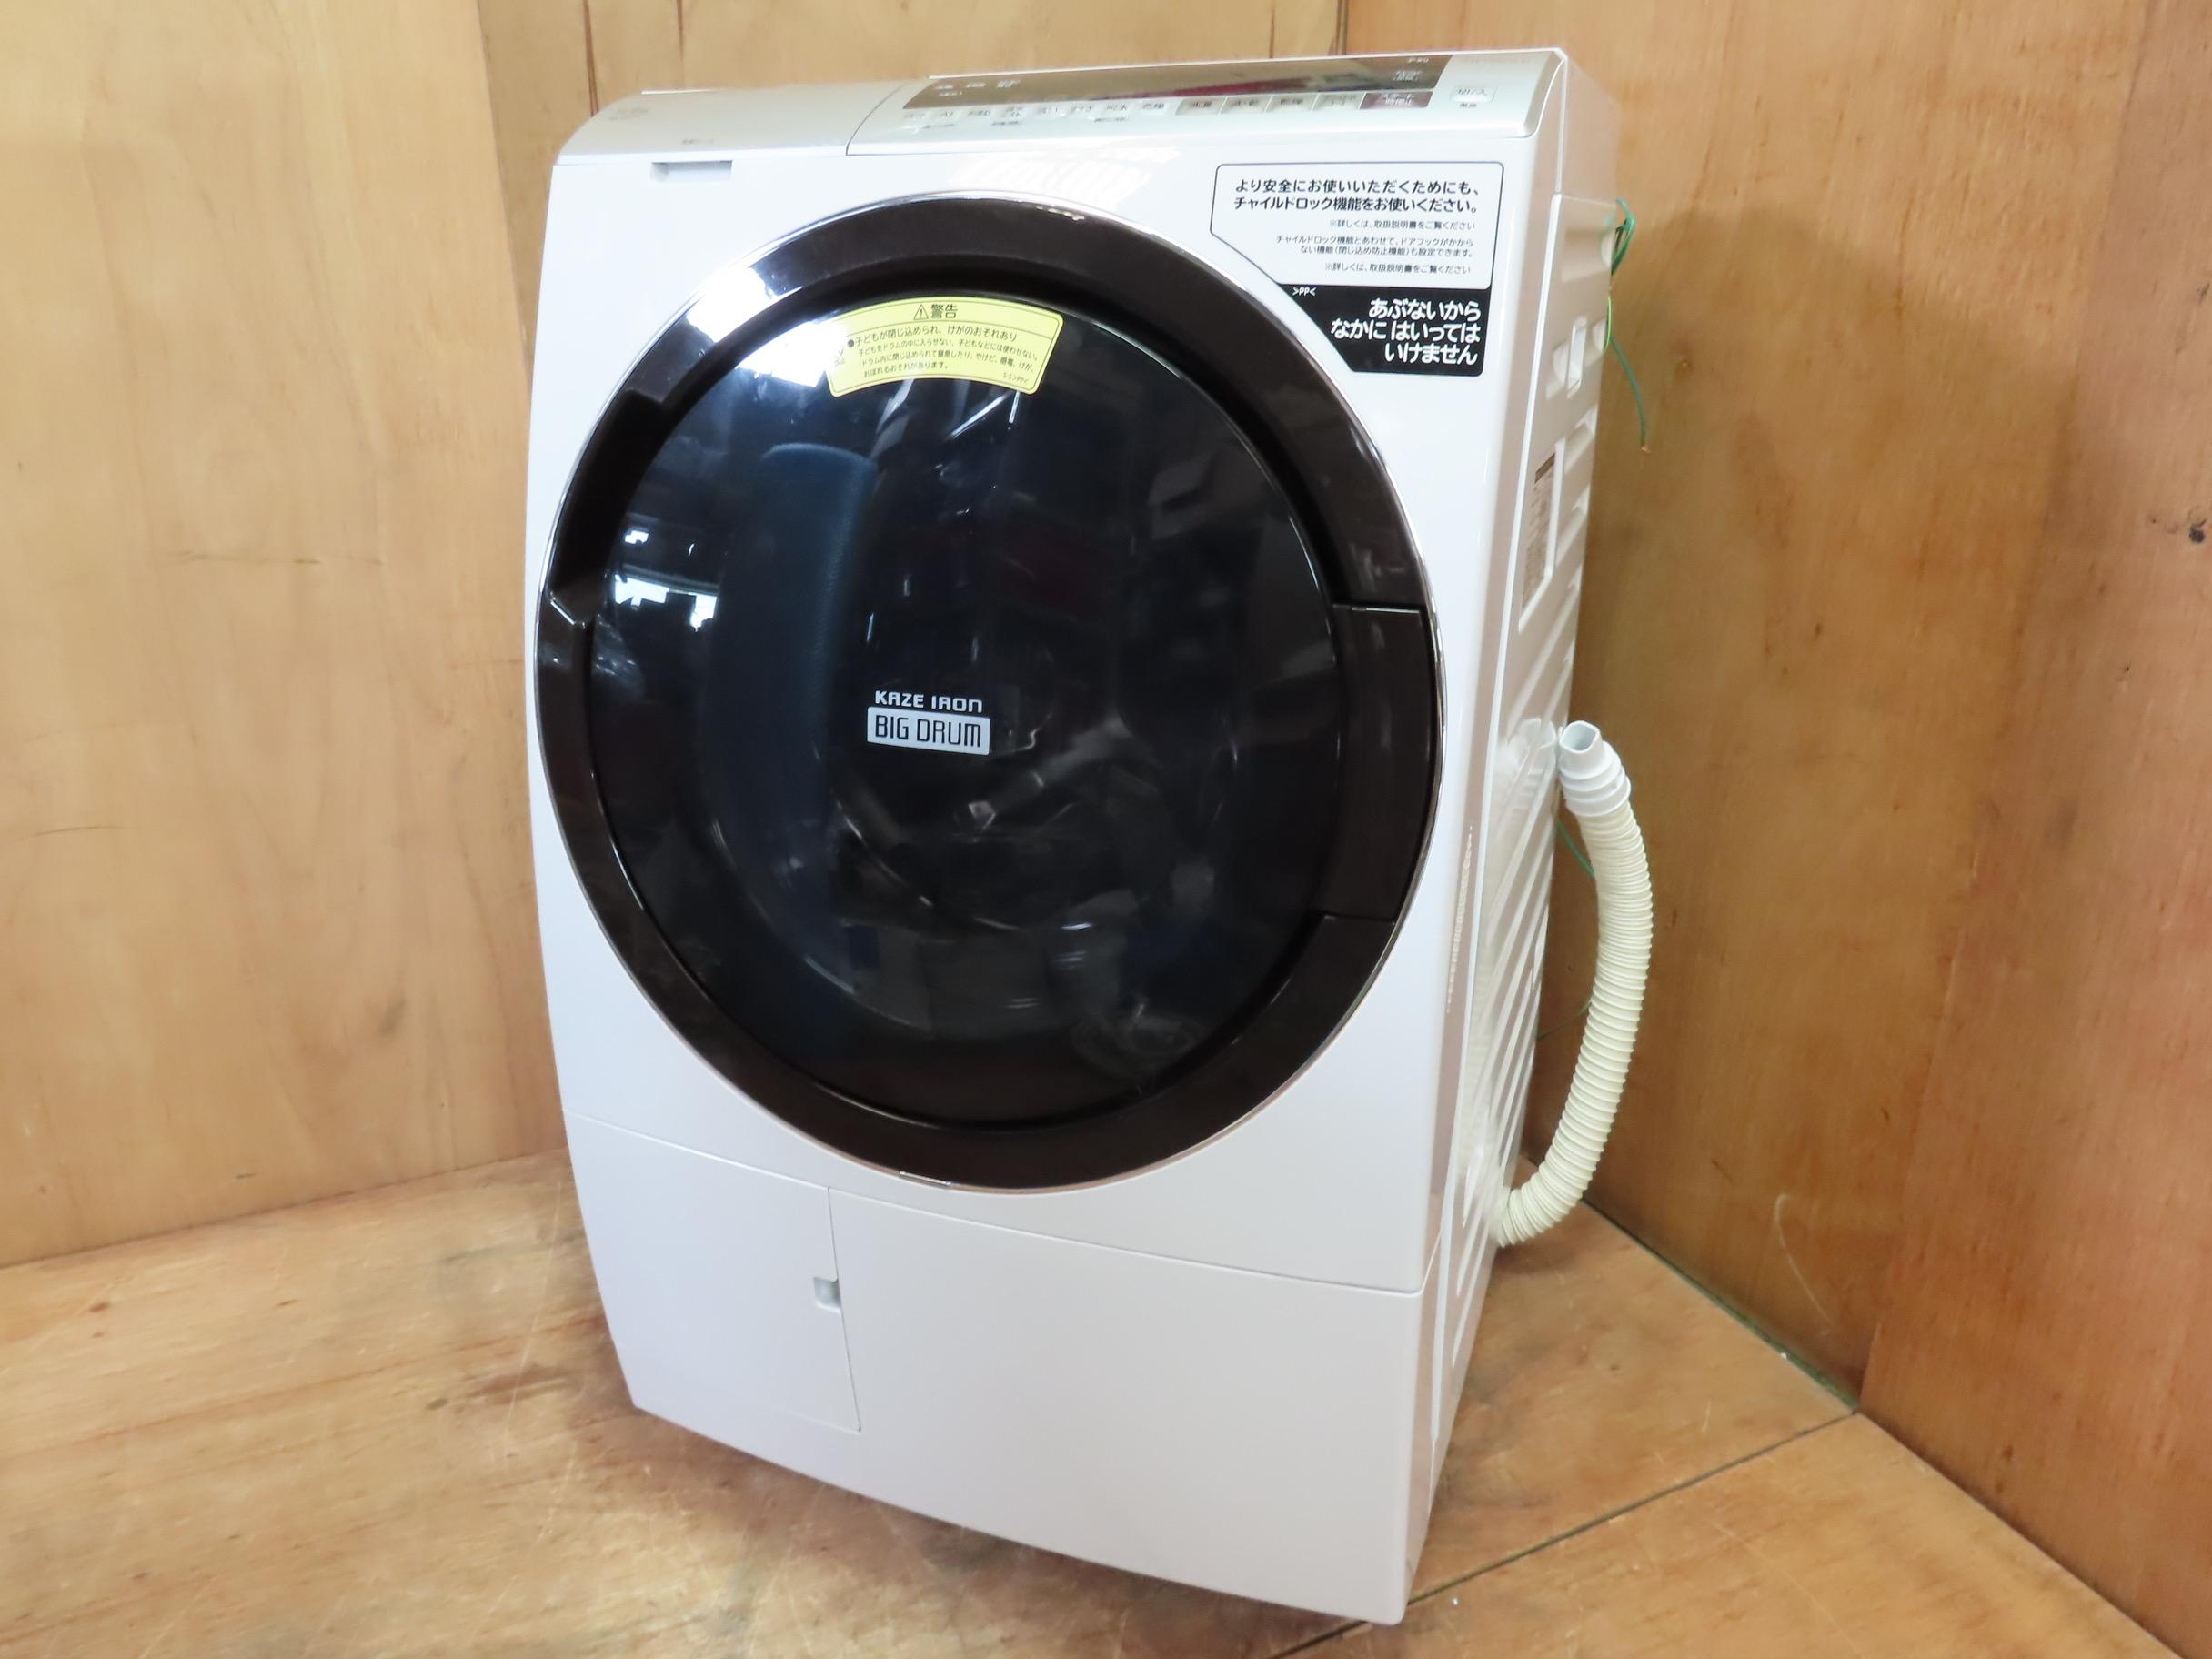 ドラム式洗濯乾燥機買取